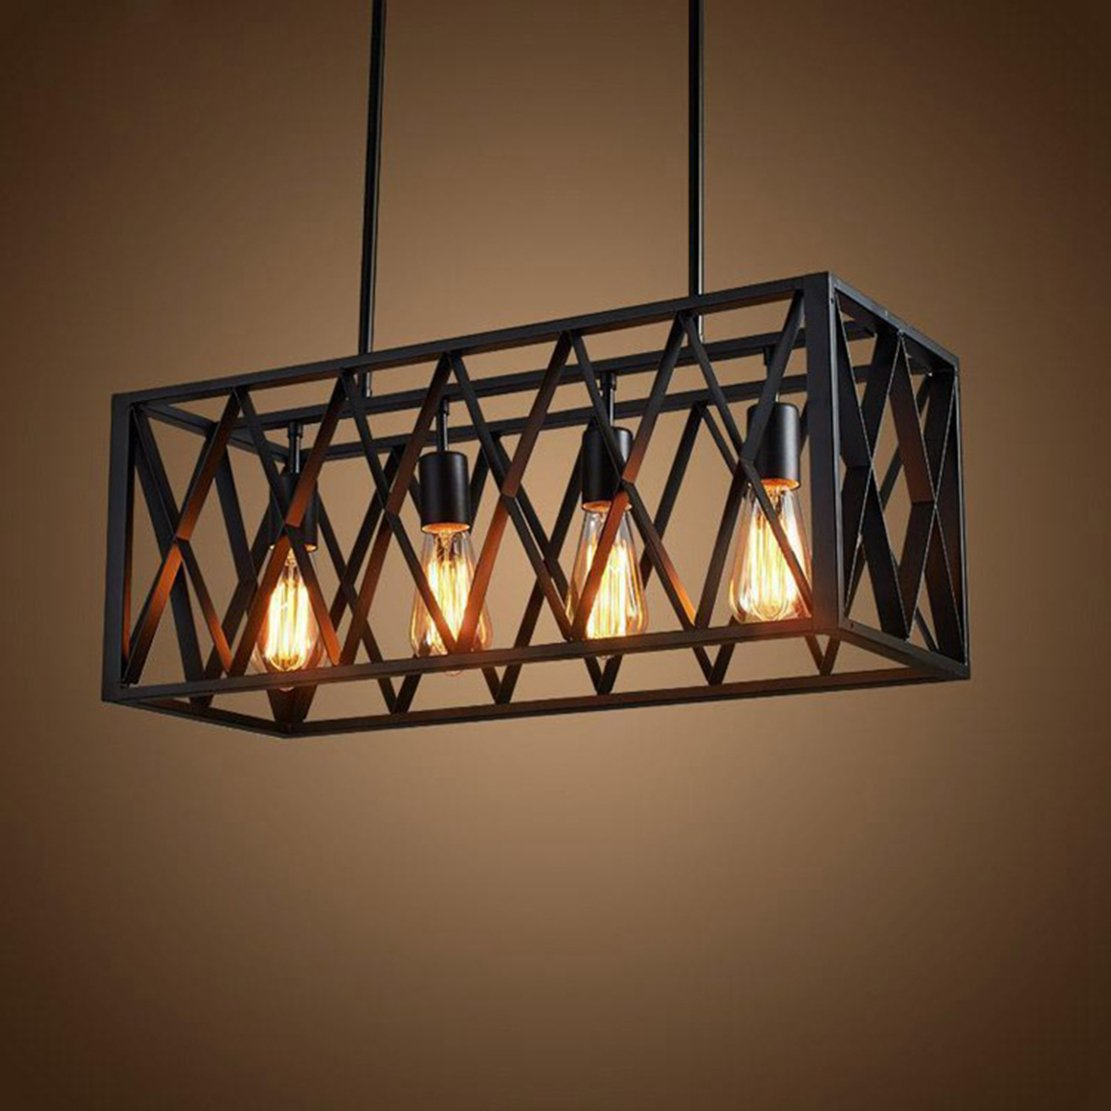 Vintage Industrial Iluminación colgante para cocina isla país de ...